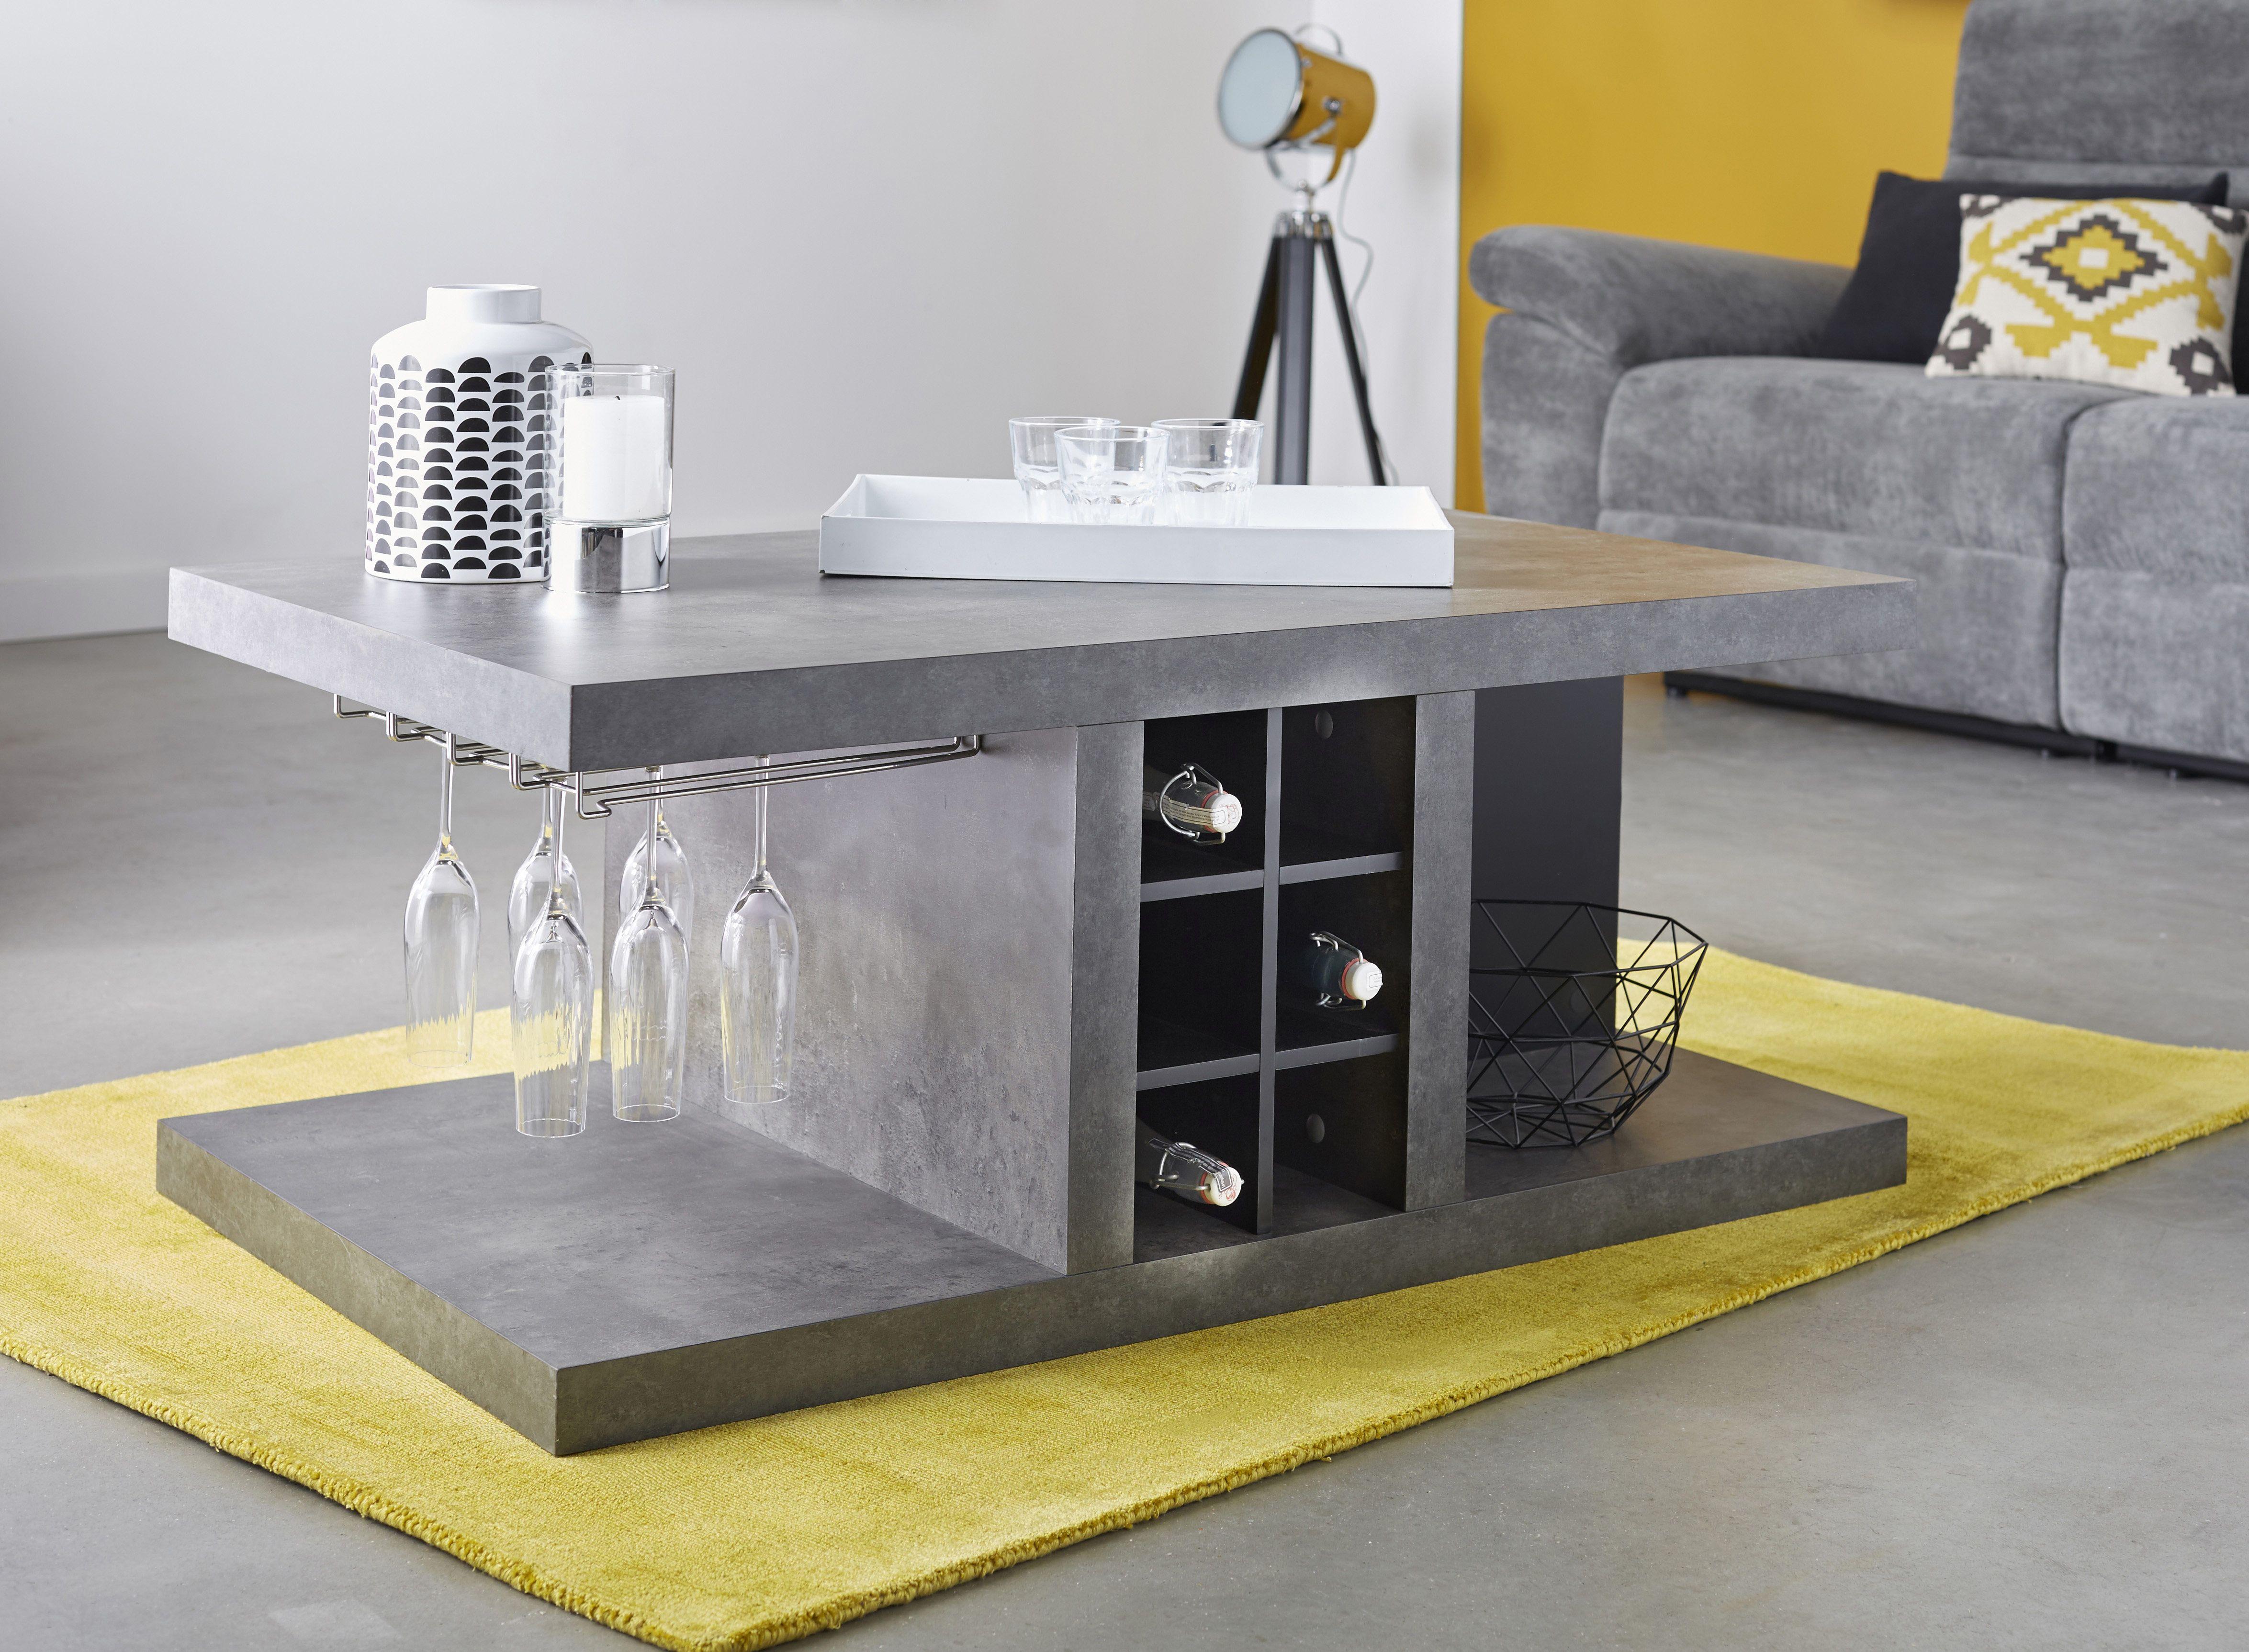 Hilo Table Basse Bar Revetement Effet Beton Decoration